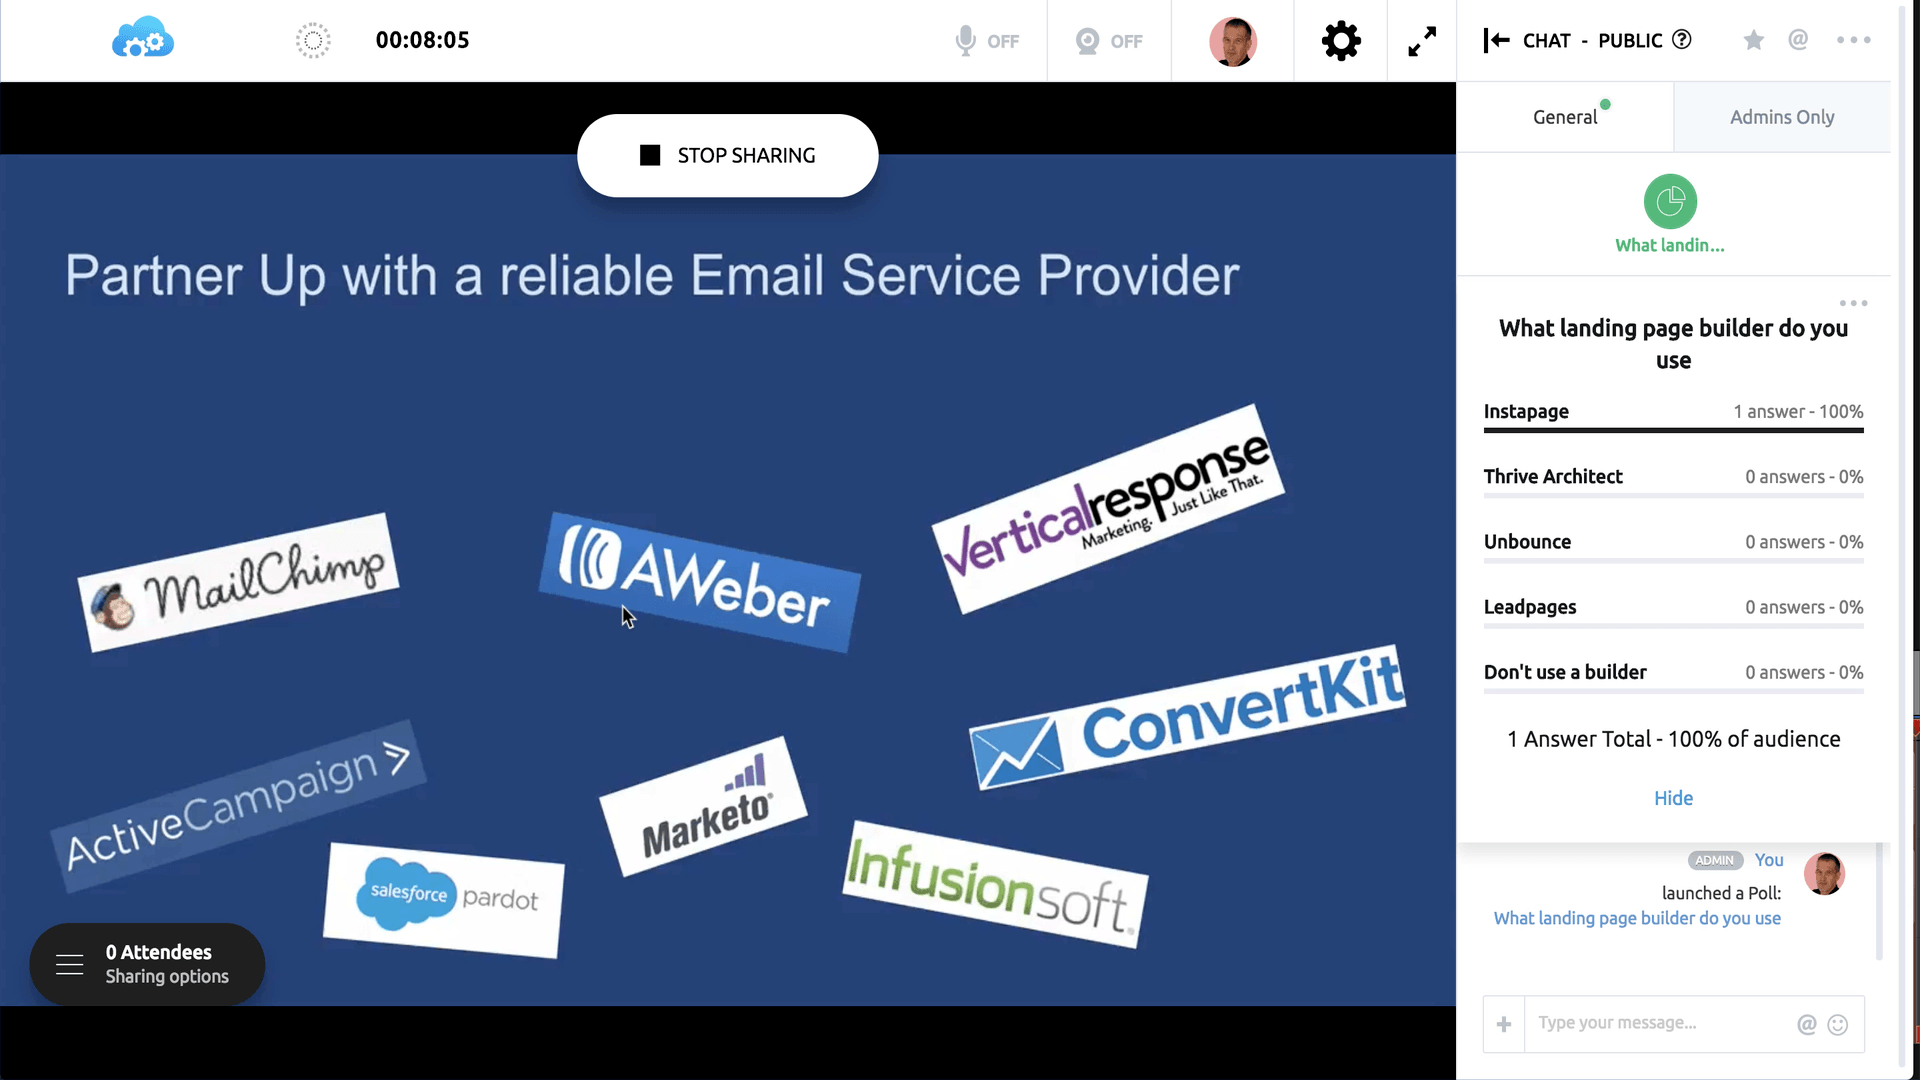 Demio-webinar-platform